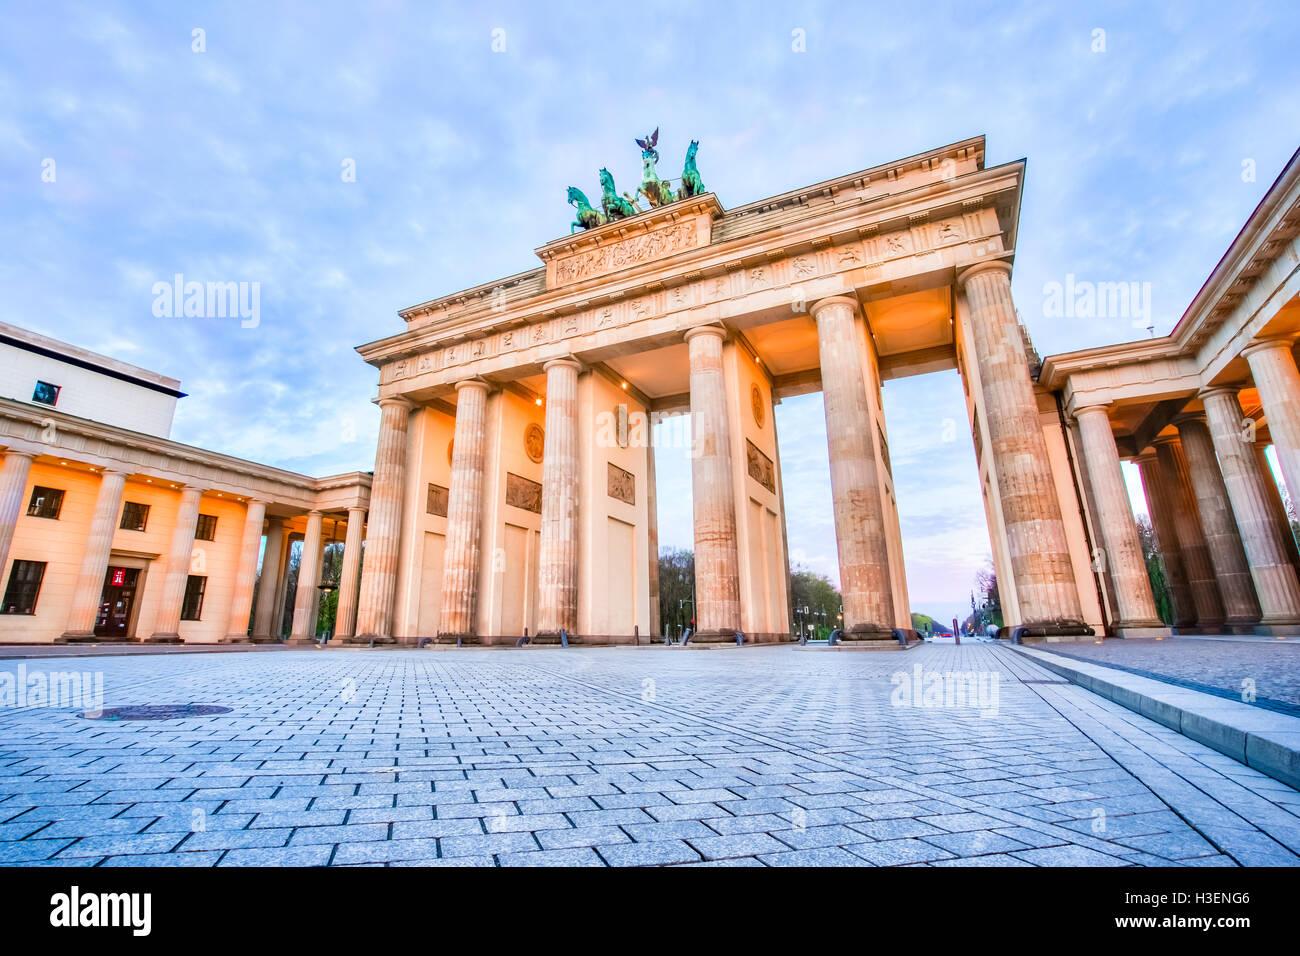 Amanecer en la Puerta de Brandenburgo en Berlín, Alemania. Imagen De Stock